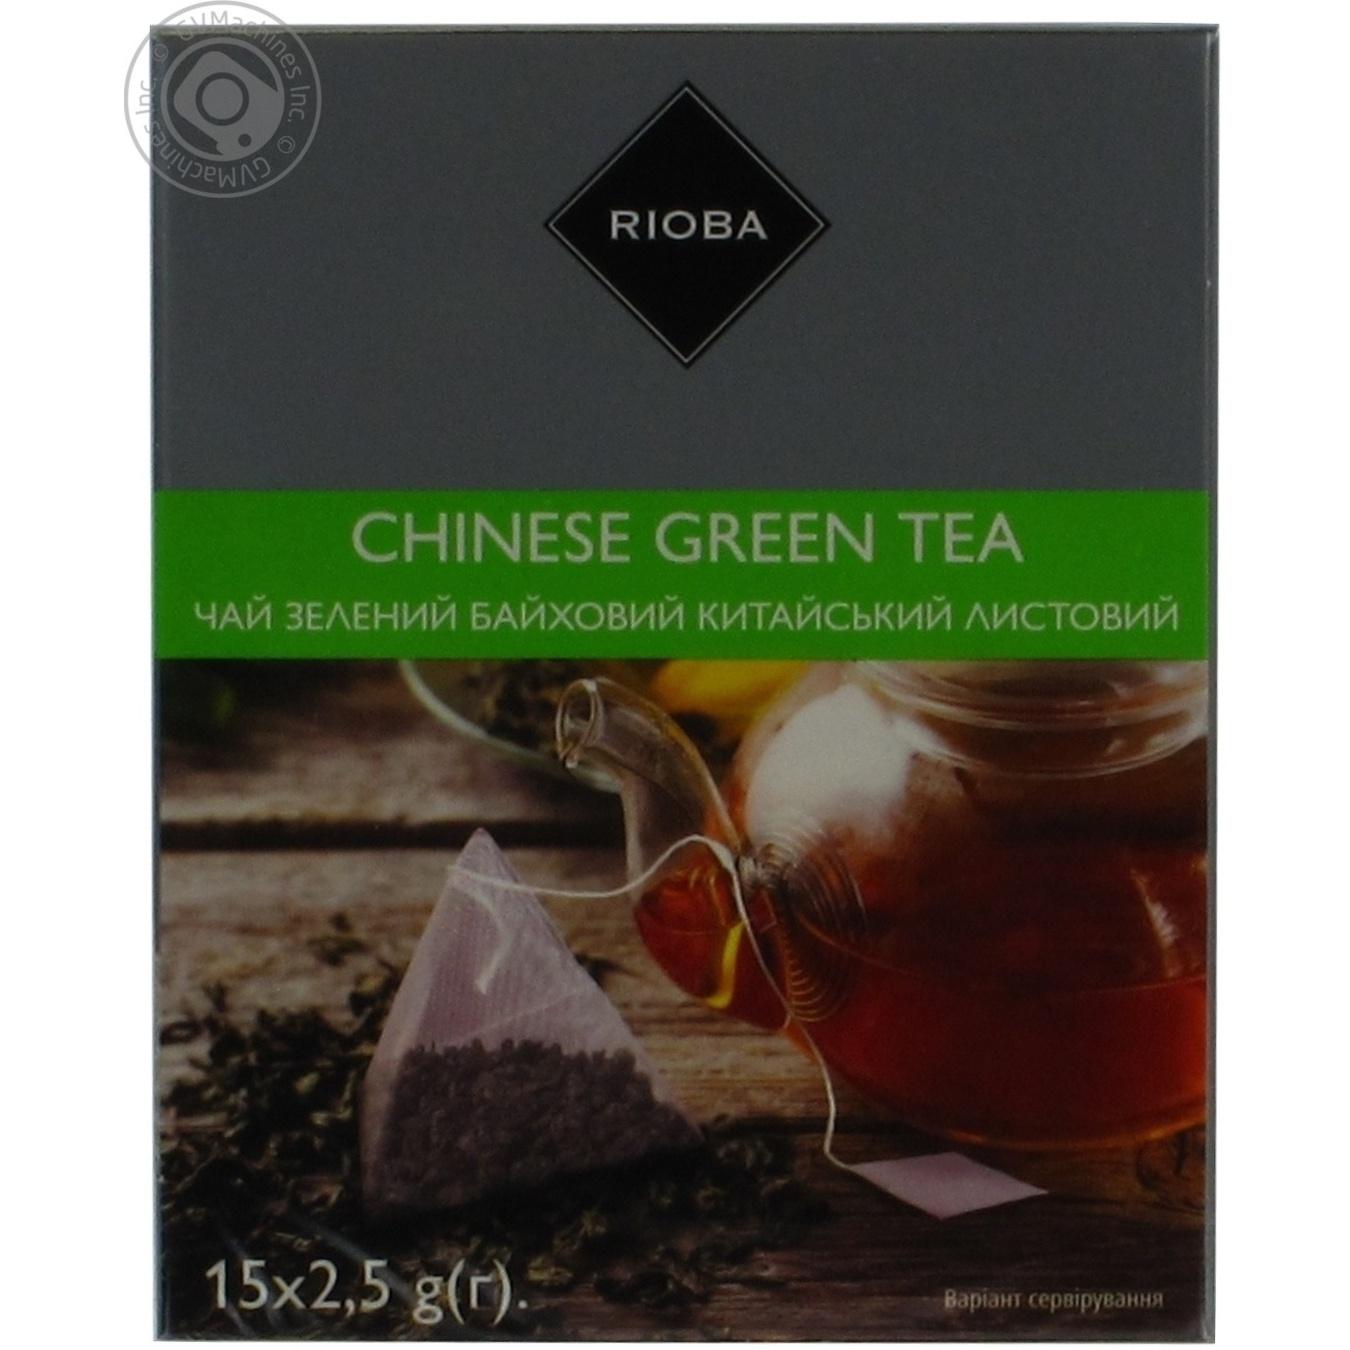 Купить Чай Rioba зелений байховий китайський листовий в пакетиках-пірамідках 15*2, 5г